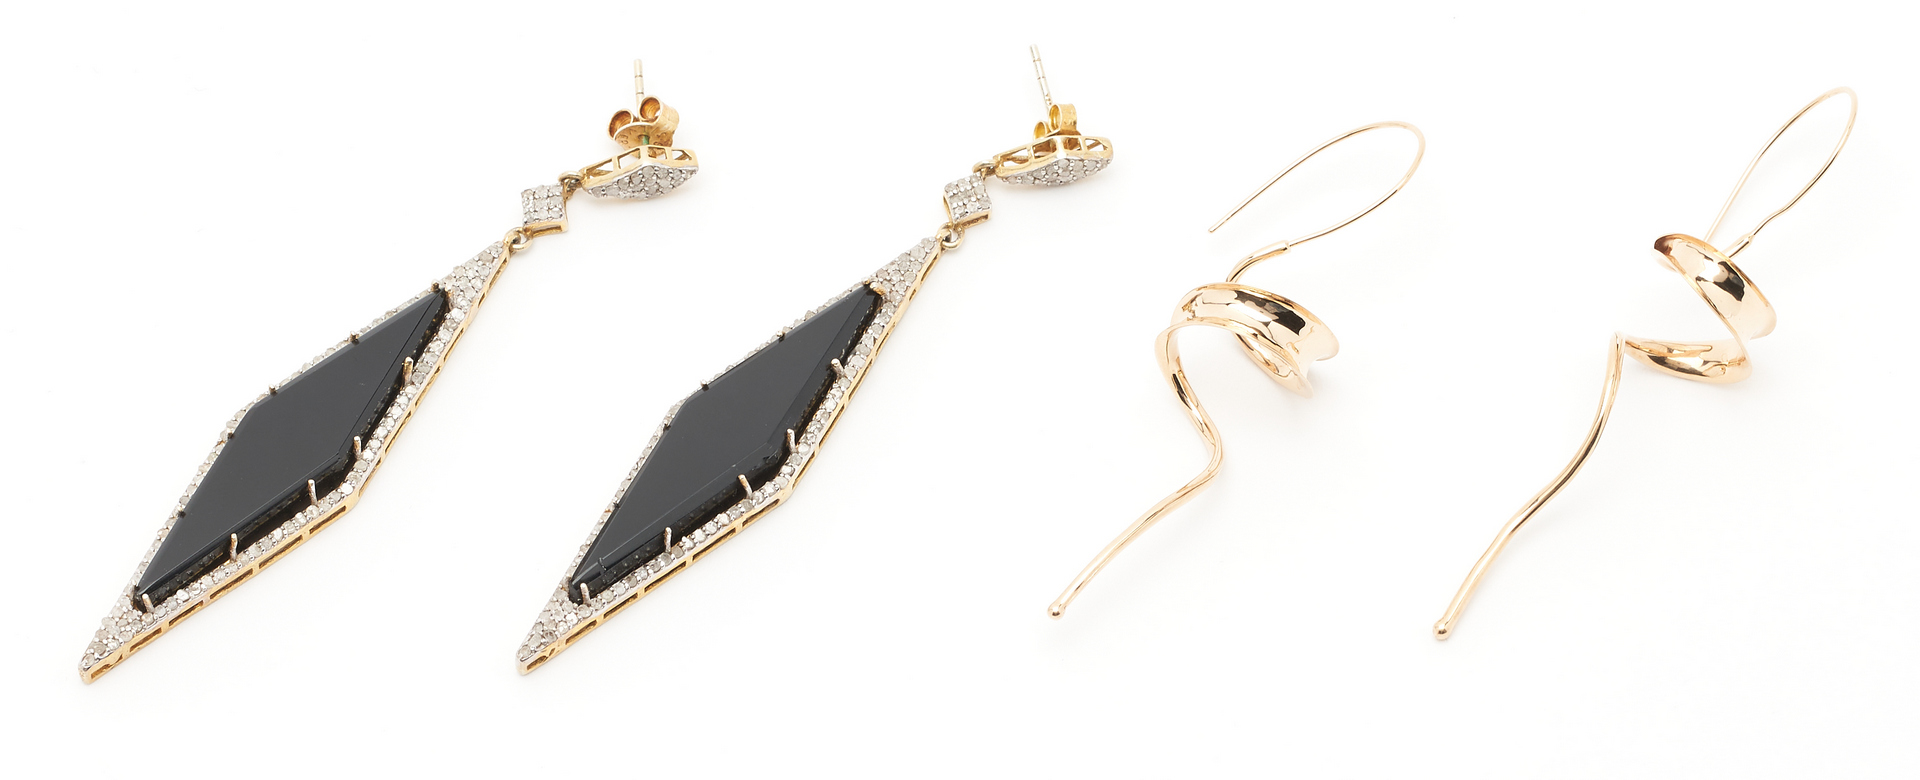 Lot 1219: 4 Pairs Ladies Gold & Sterling Earrings